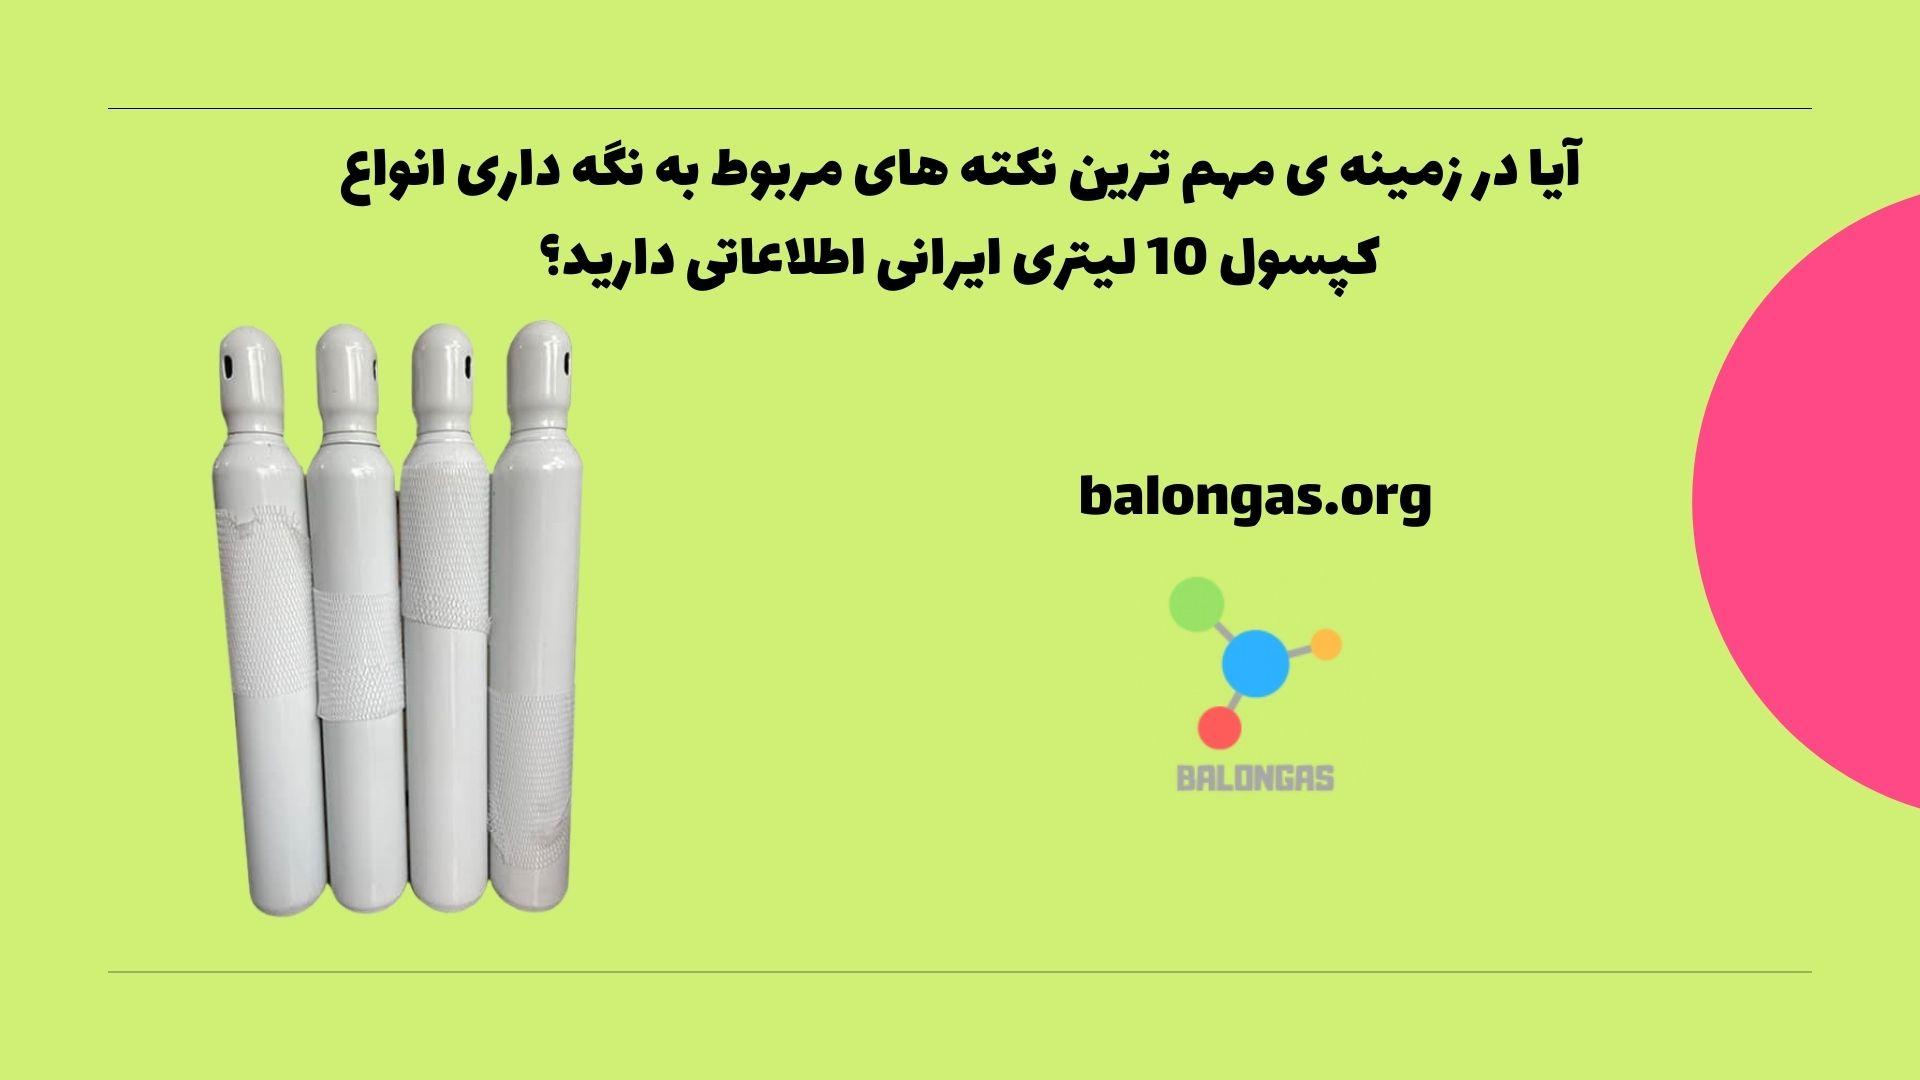 آیا در زمینه ی مهم ترین نکته های مربوط به نگه داری انواع کپسول 10 لیتری ایرانی اطلاعاتی دارید؟